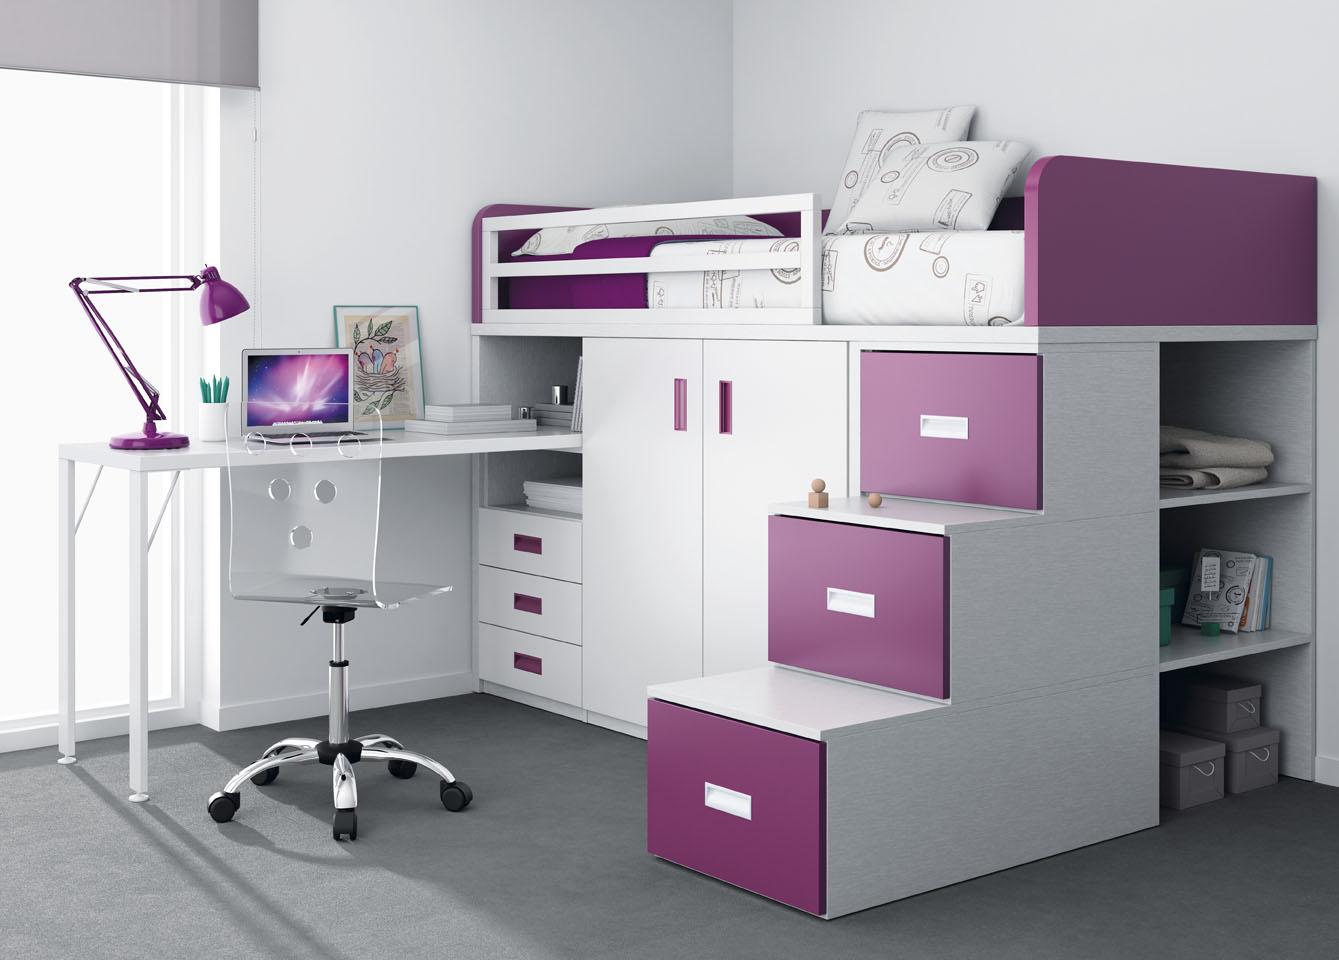 Literas muebles ros for Muebles baratos alicante